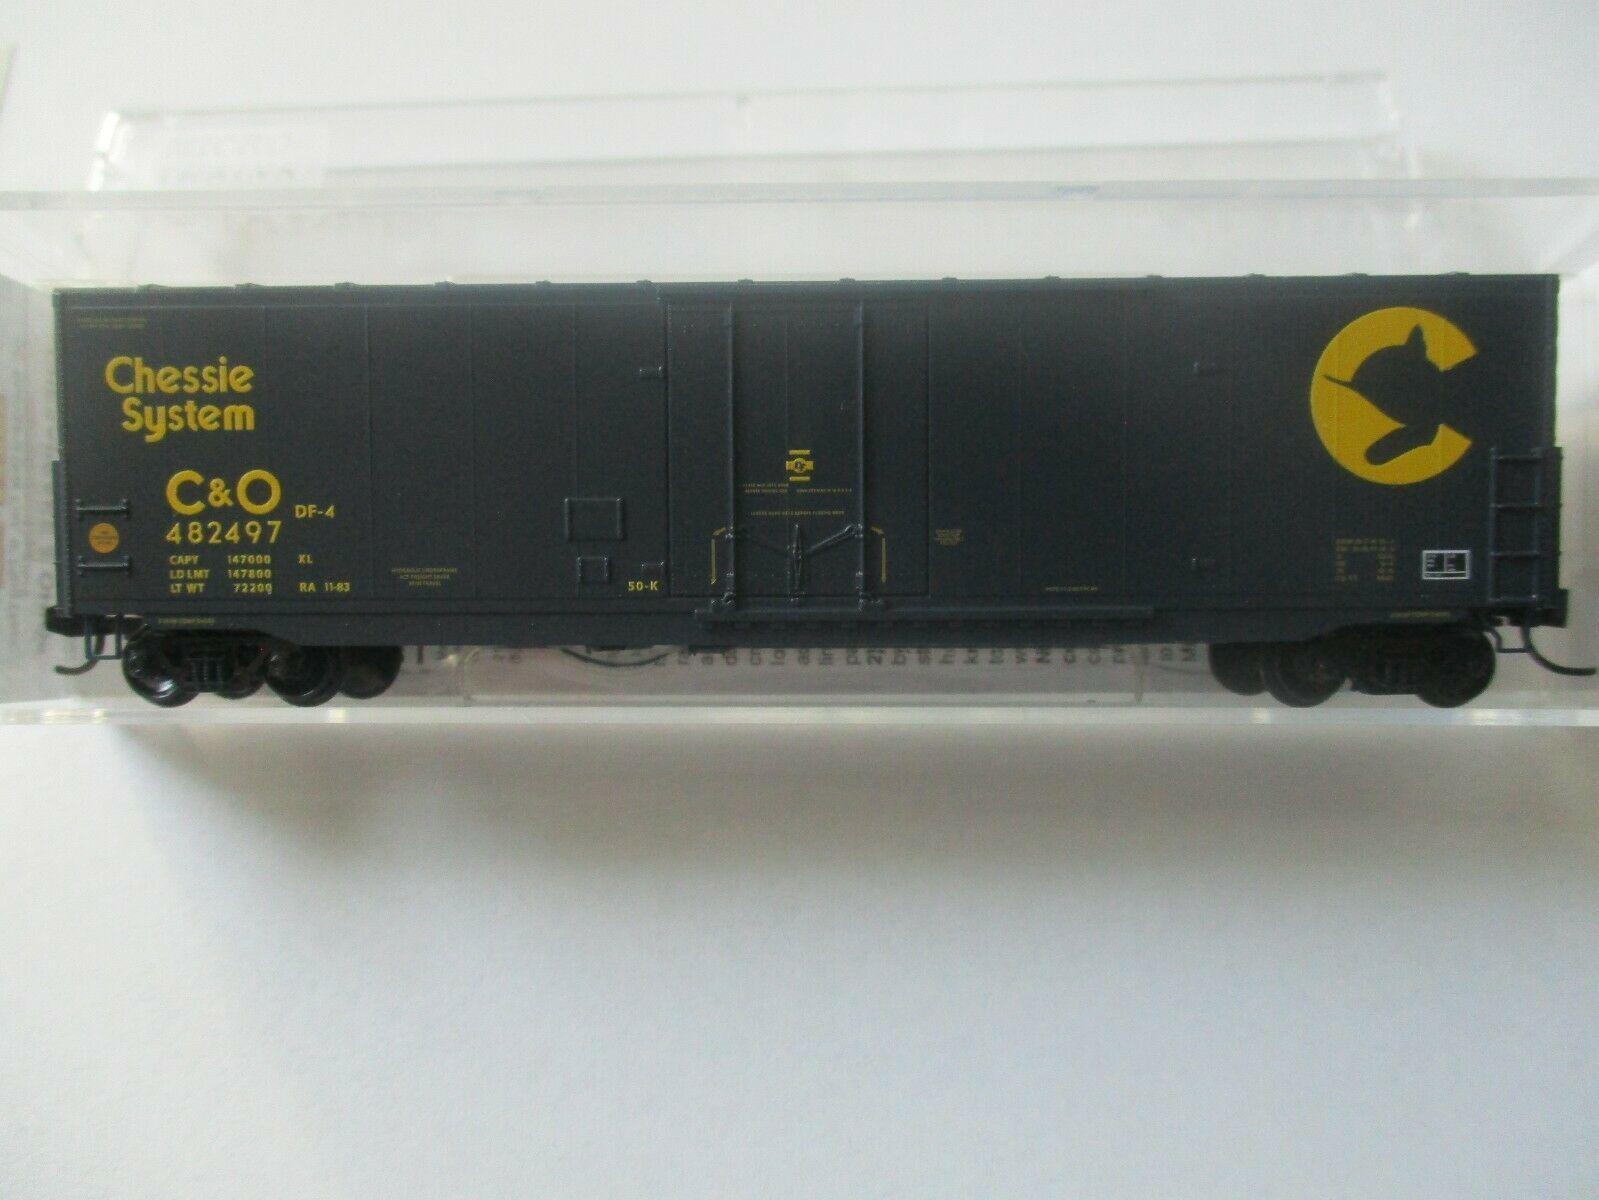 Micro-Trains # 18100190 Chesapeake & Ohio 50' Standard Box Car, N-Scale